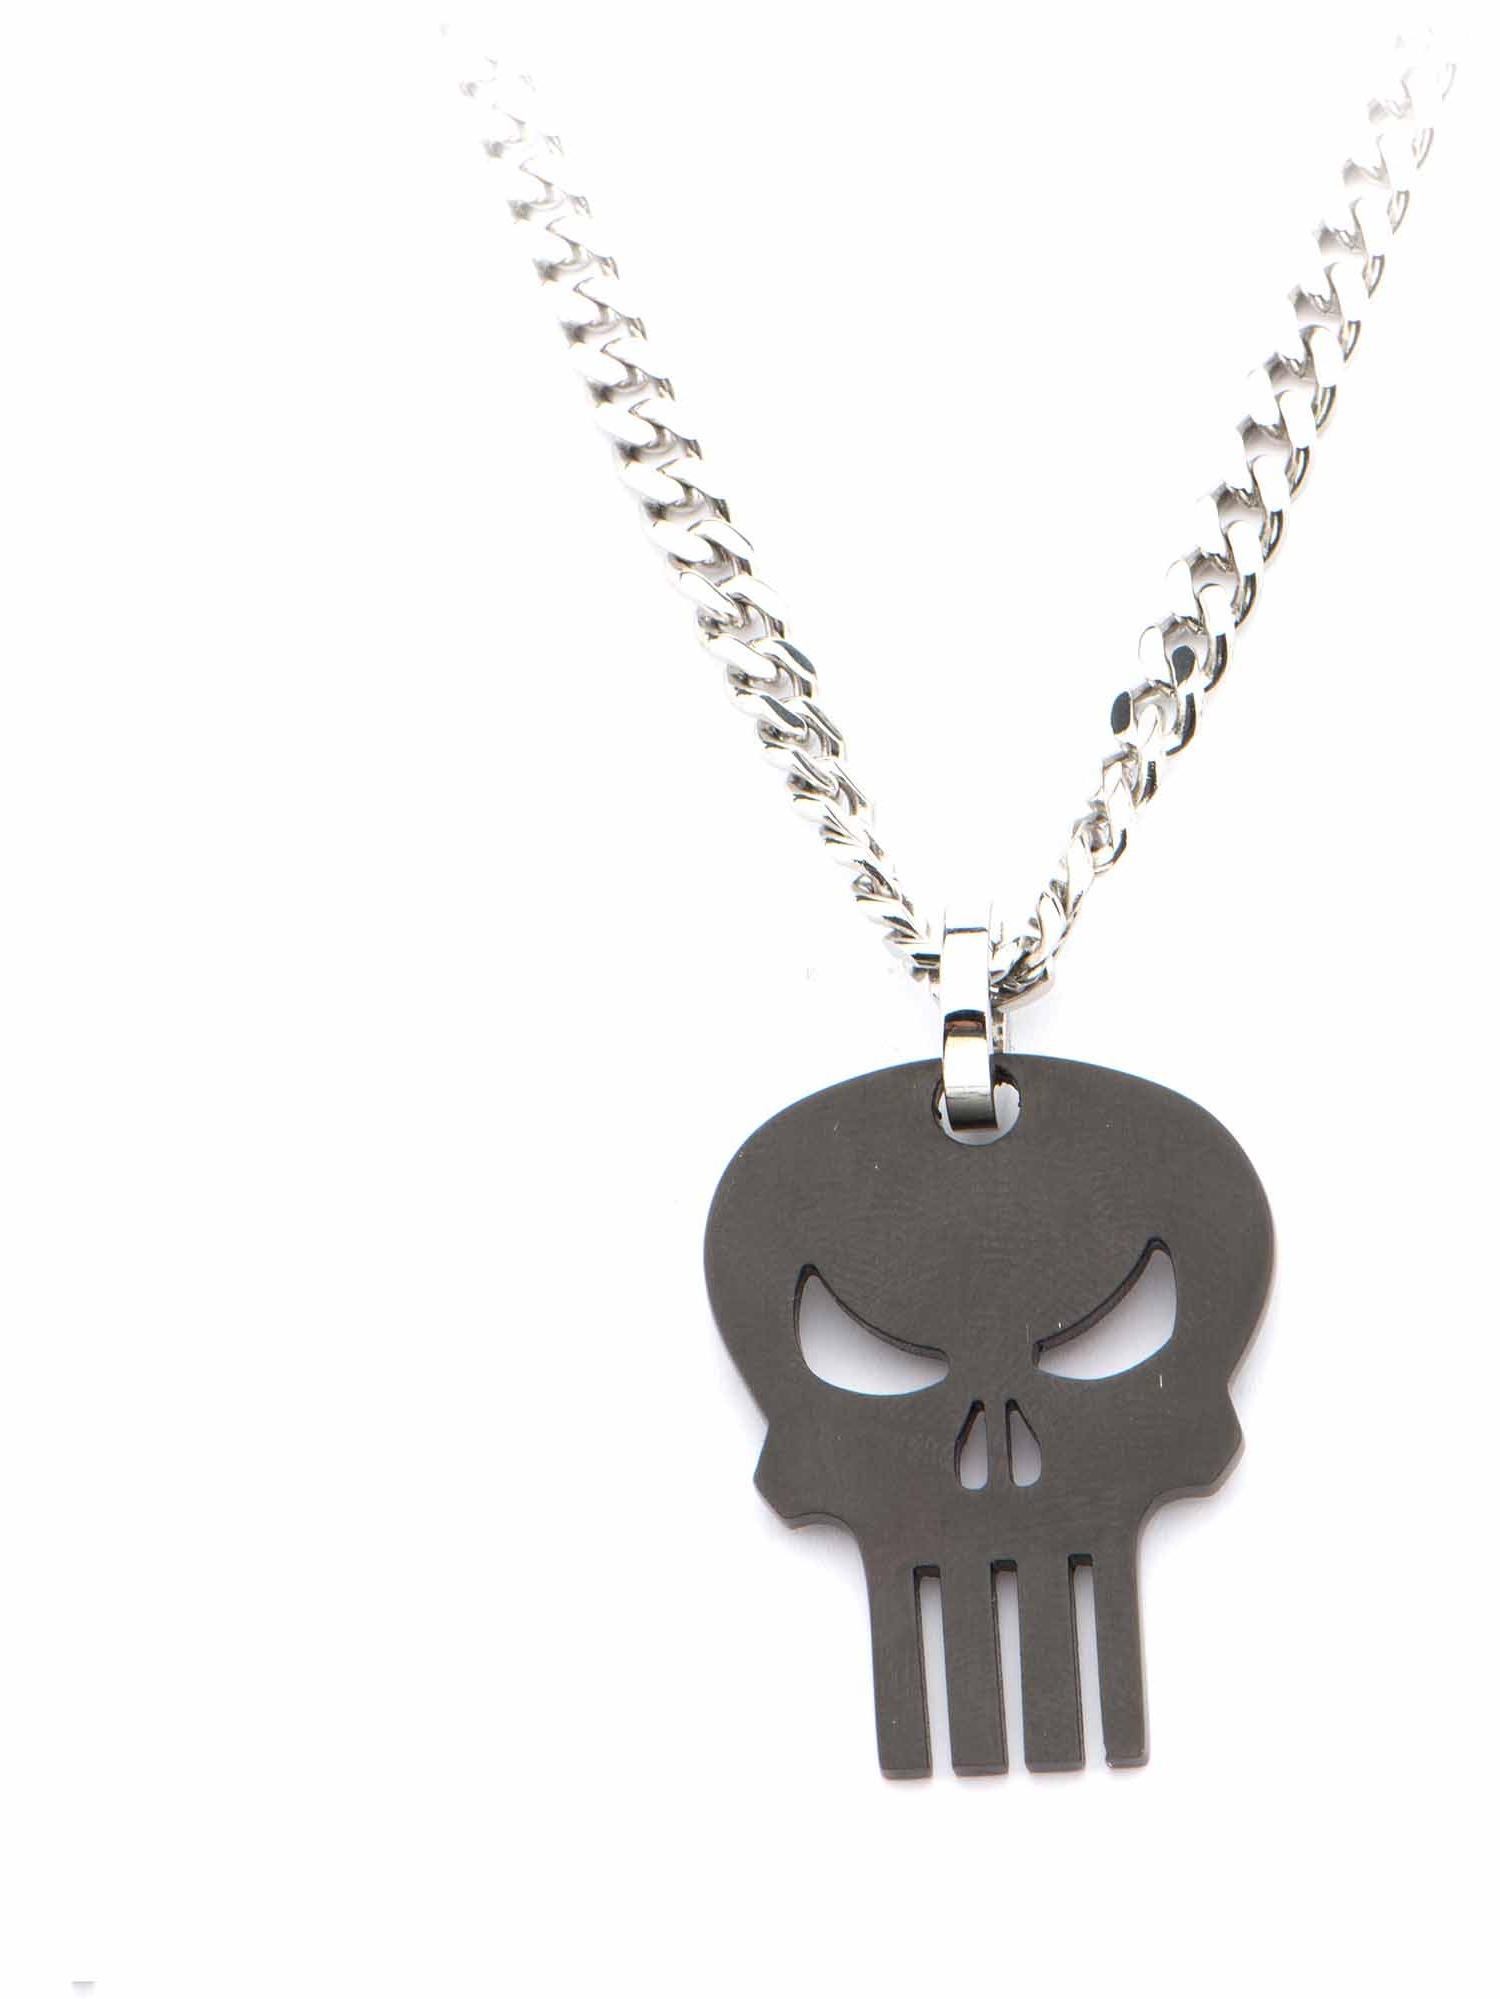 Marvel Punisher Black Skull Steel Pendant With Chain